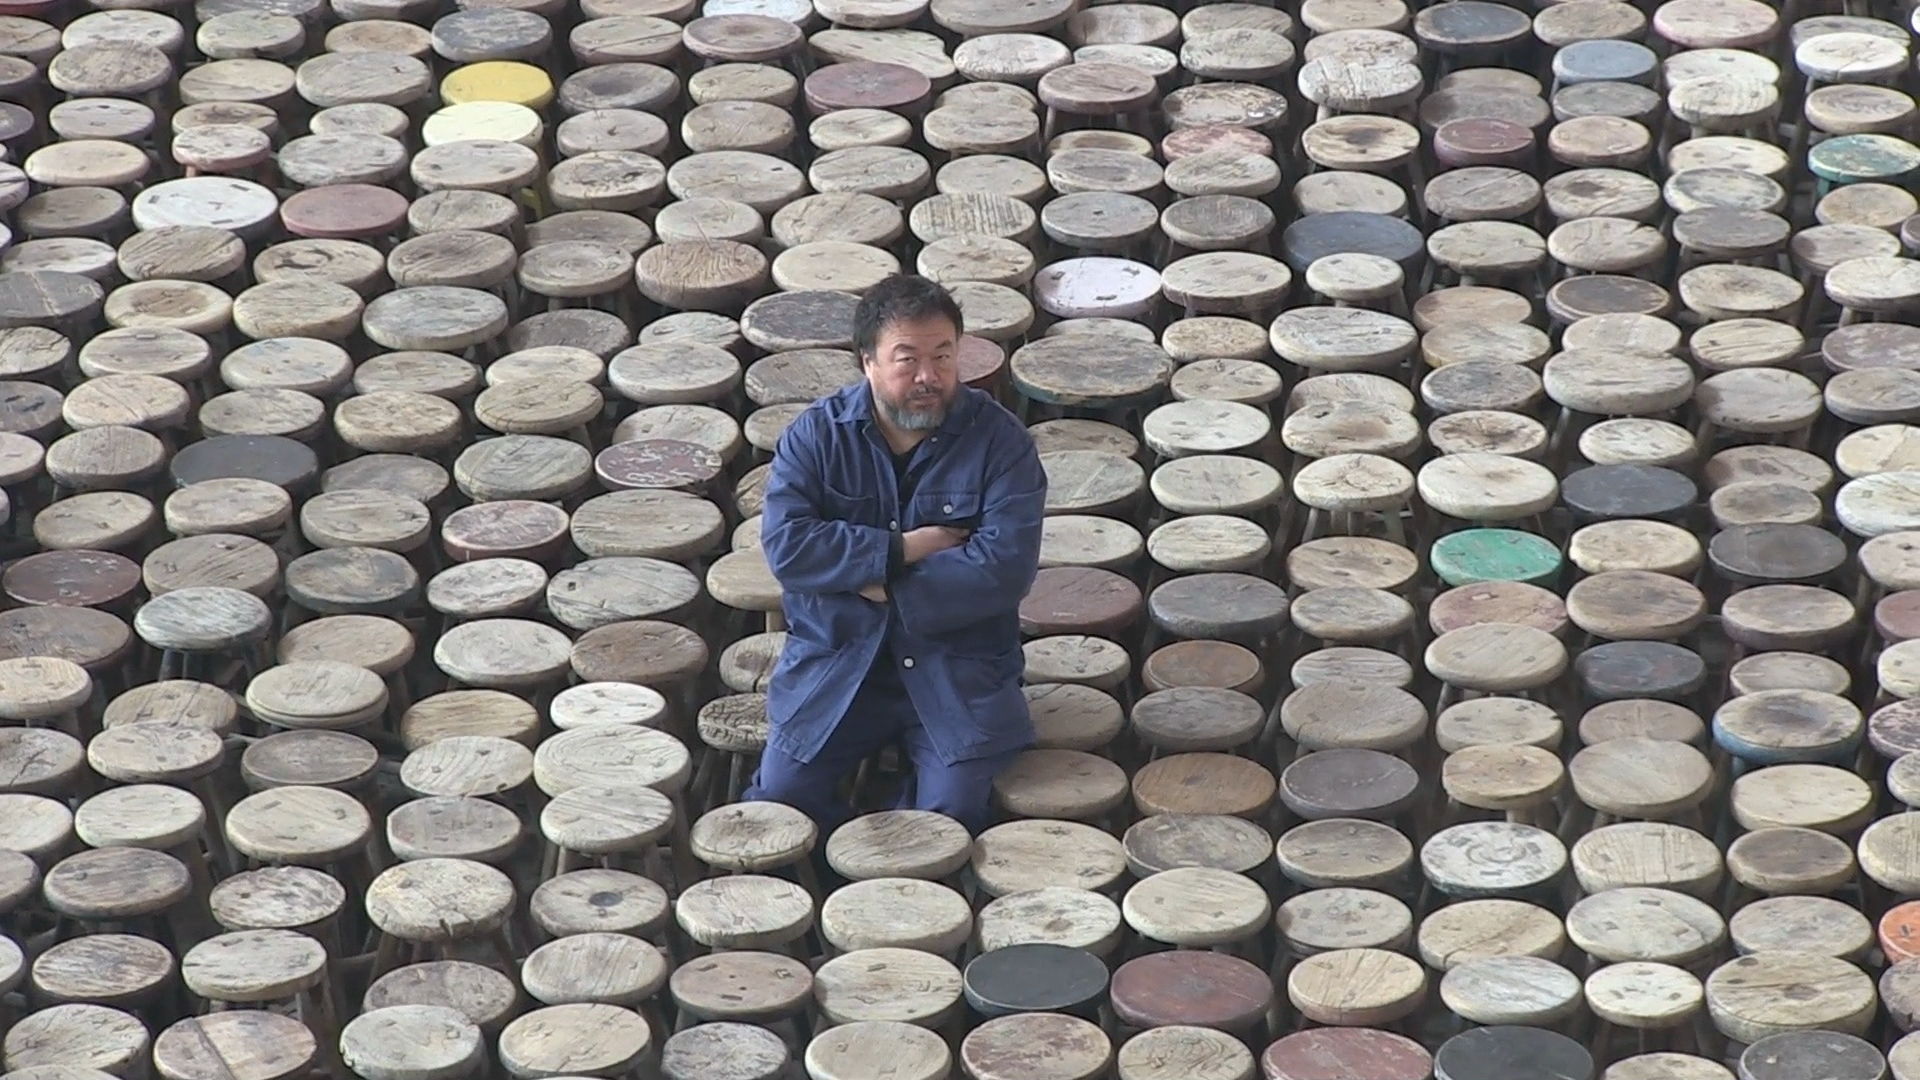 L'installation d'Ai Weiwei est composée de 6000 tabourets. Le dernier objet symbolisant la mémoire vive des Chinois, de ce qu'ils ont perdu, de ce qu'ils ont gagné, de ce qu'ils ont oublié, de ce qu'ils se souviennent.